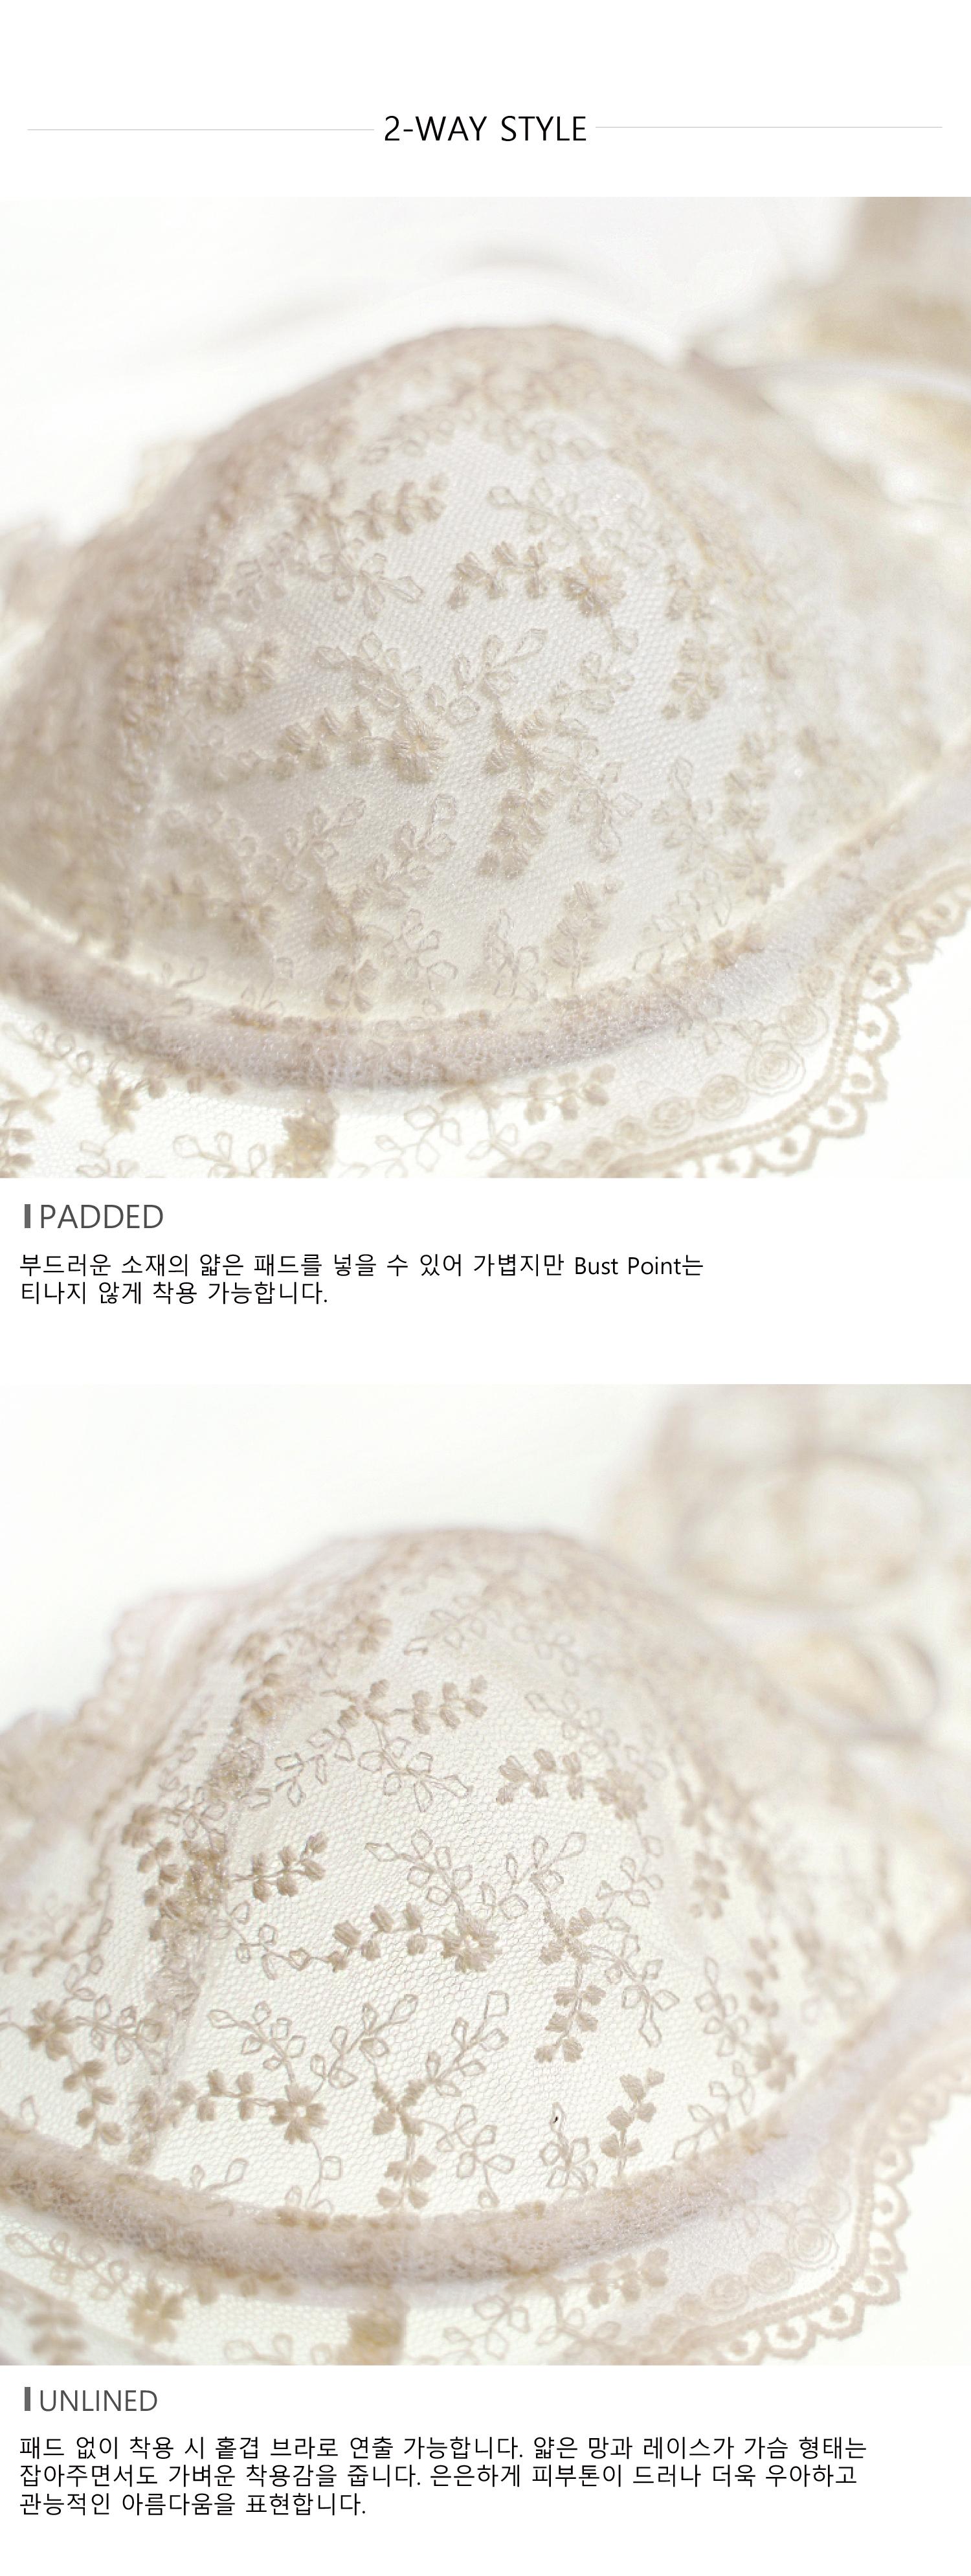 란제리한(LINGERIE HAN) 아델라 2SET [브라+팬티]